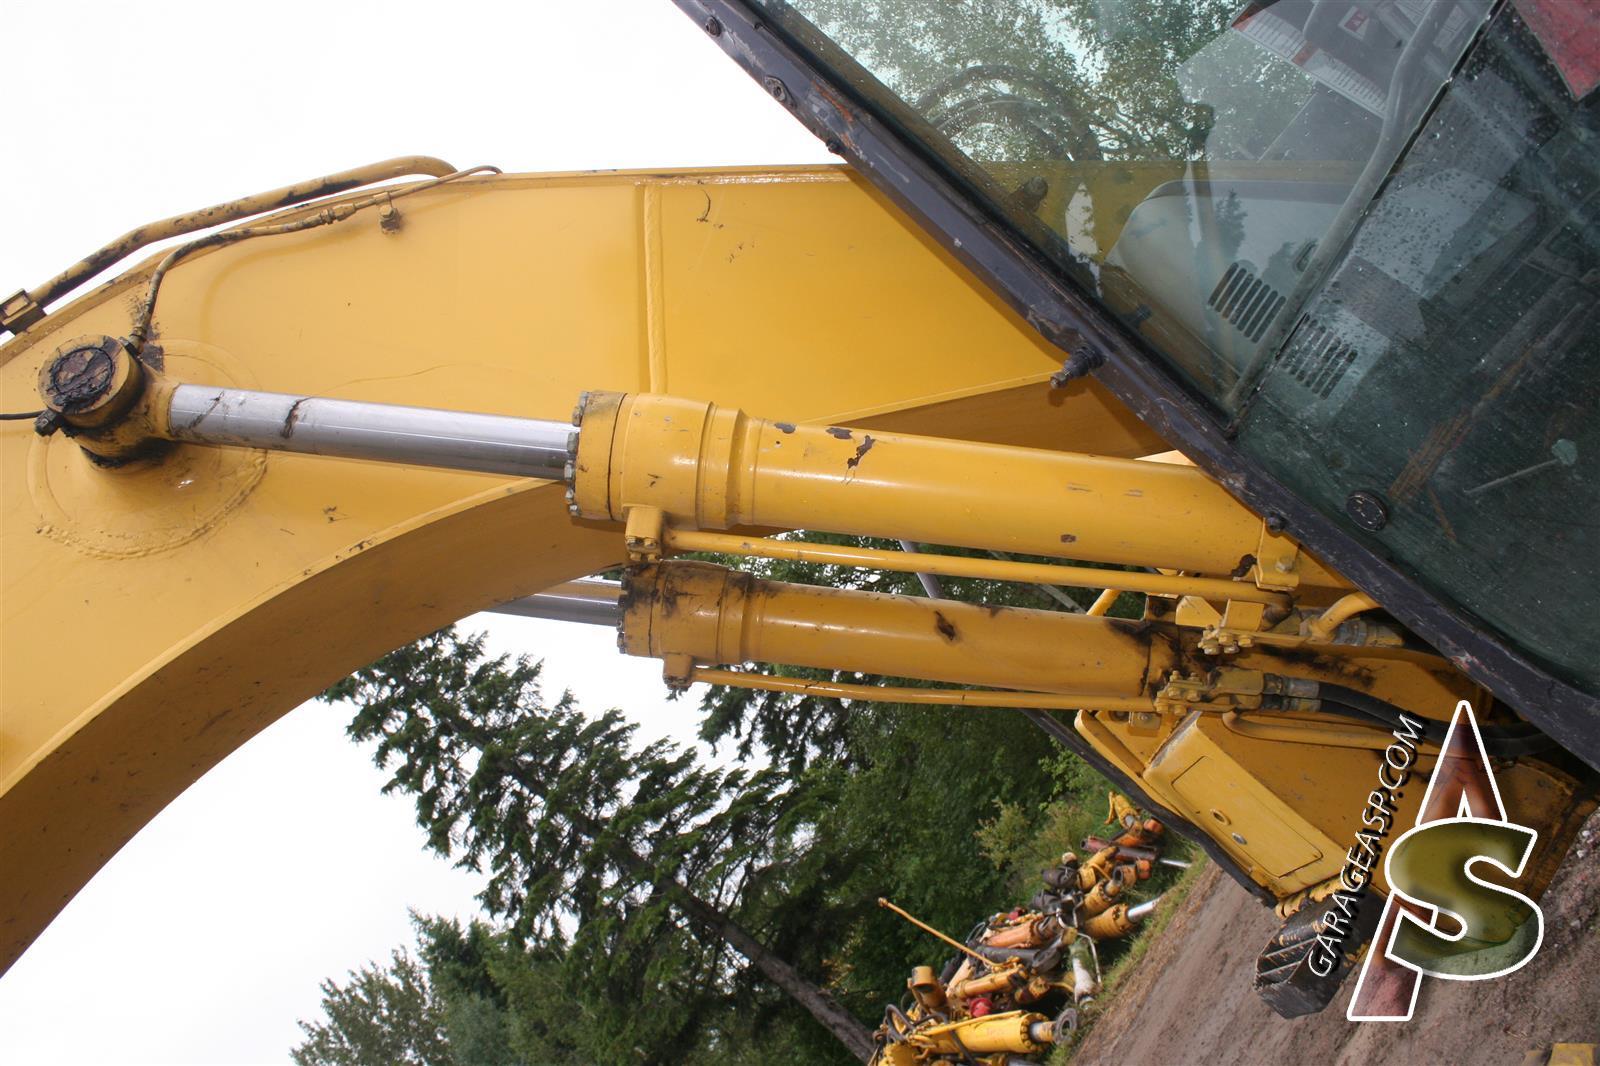 Komatsu Hydraulic Cylinders Heavy Equipment Parts Pc 150 Wiring Diagram 645 Pc138uslc 8 Arm Cylinder 707 01 Lx680